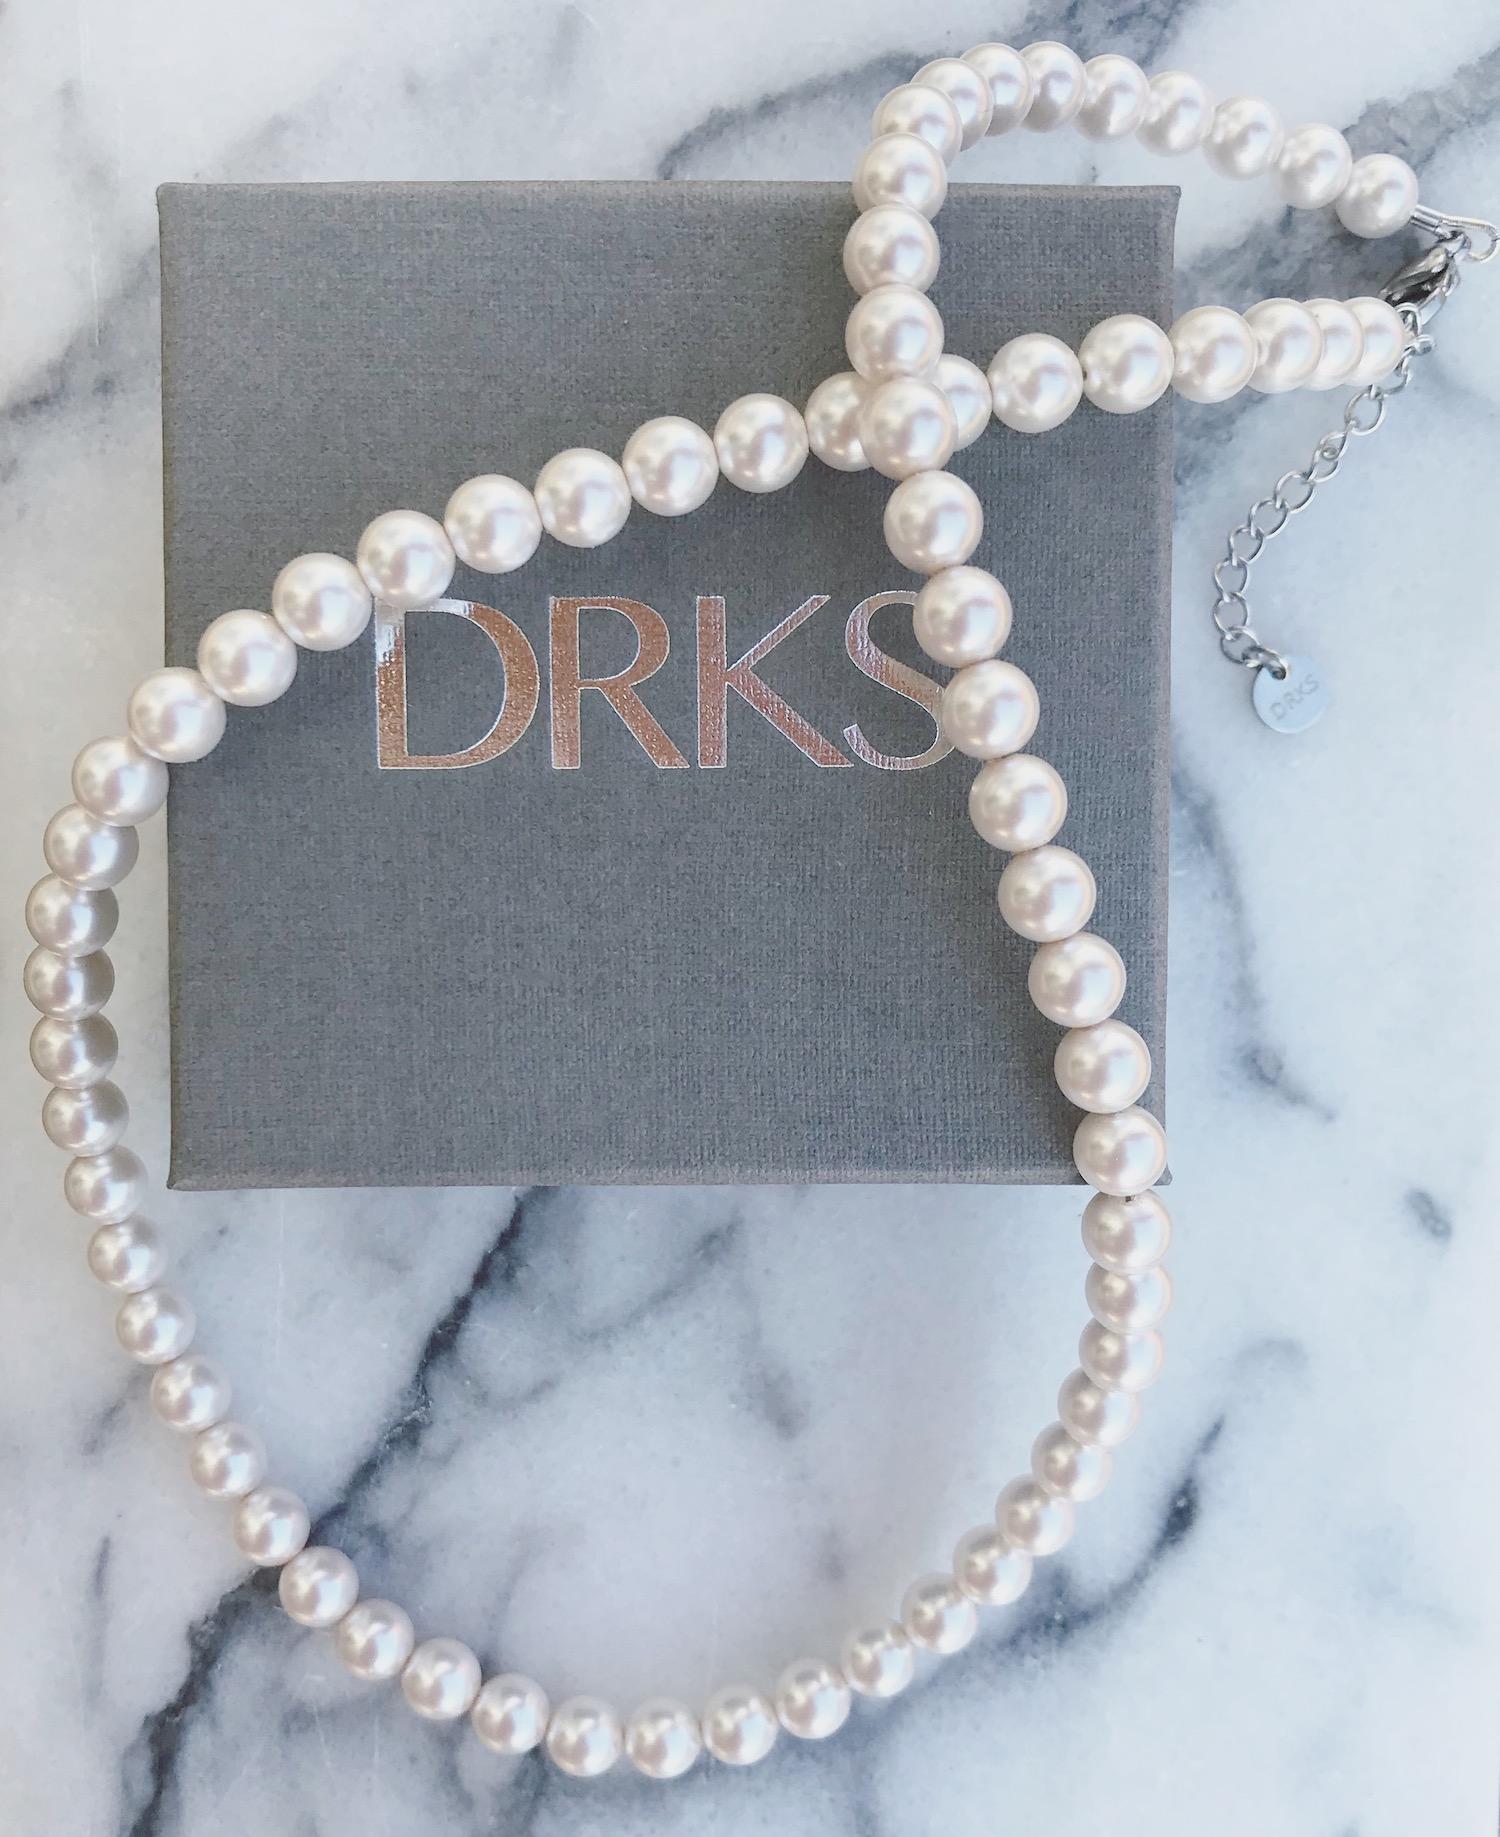 DRKS ketting met mooie, elegante ivoor faux pearls